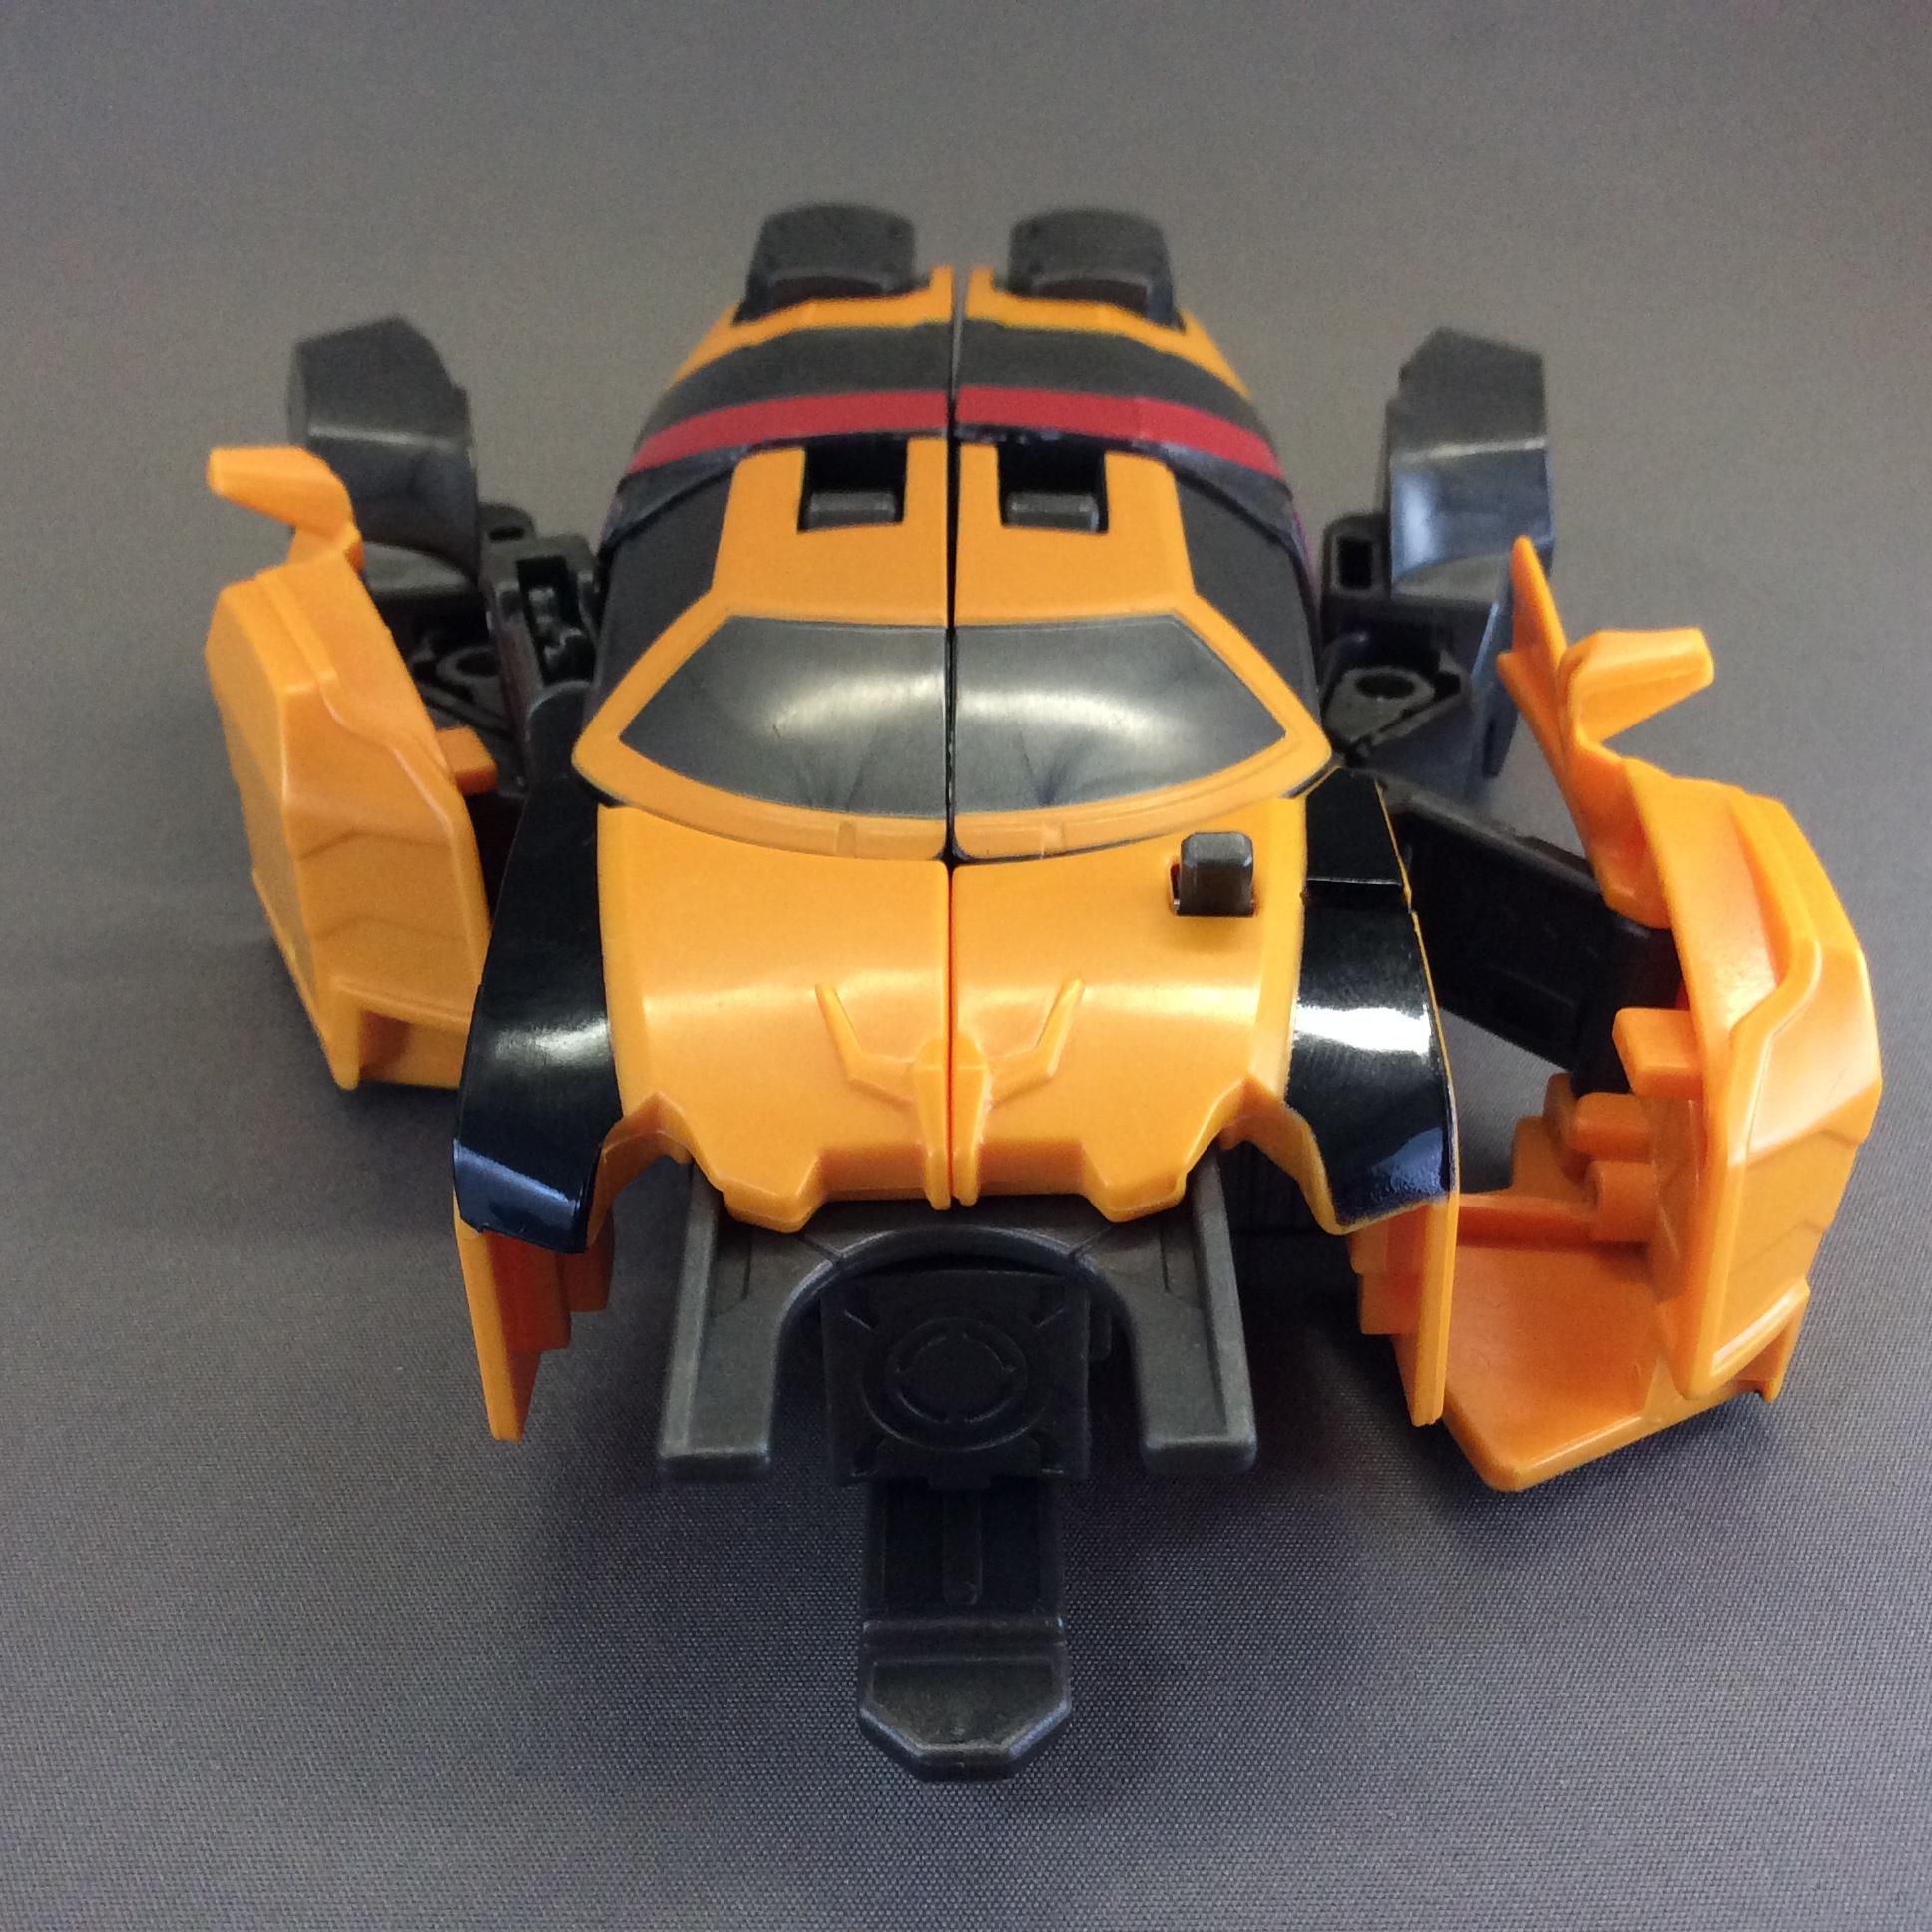 MSドリフト ロボットモード(11)